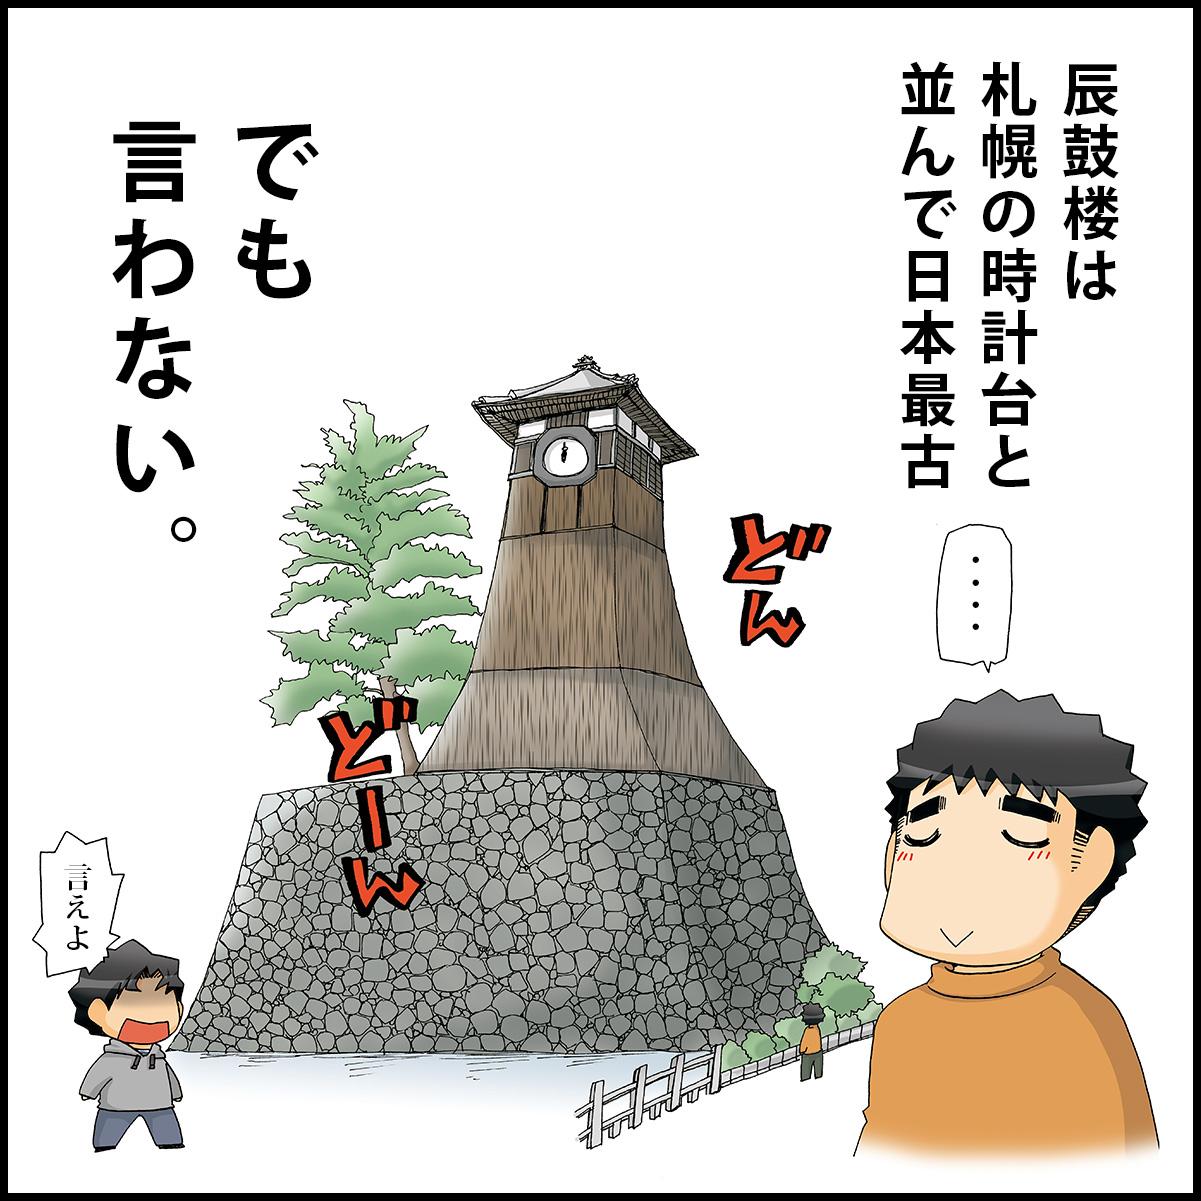 札幌市時計台と並んで日本最古の時計台